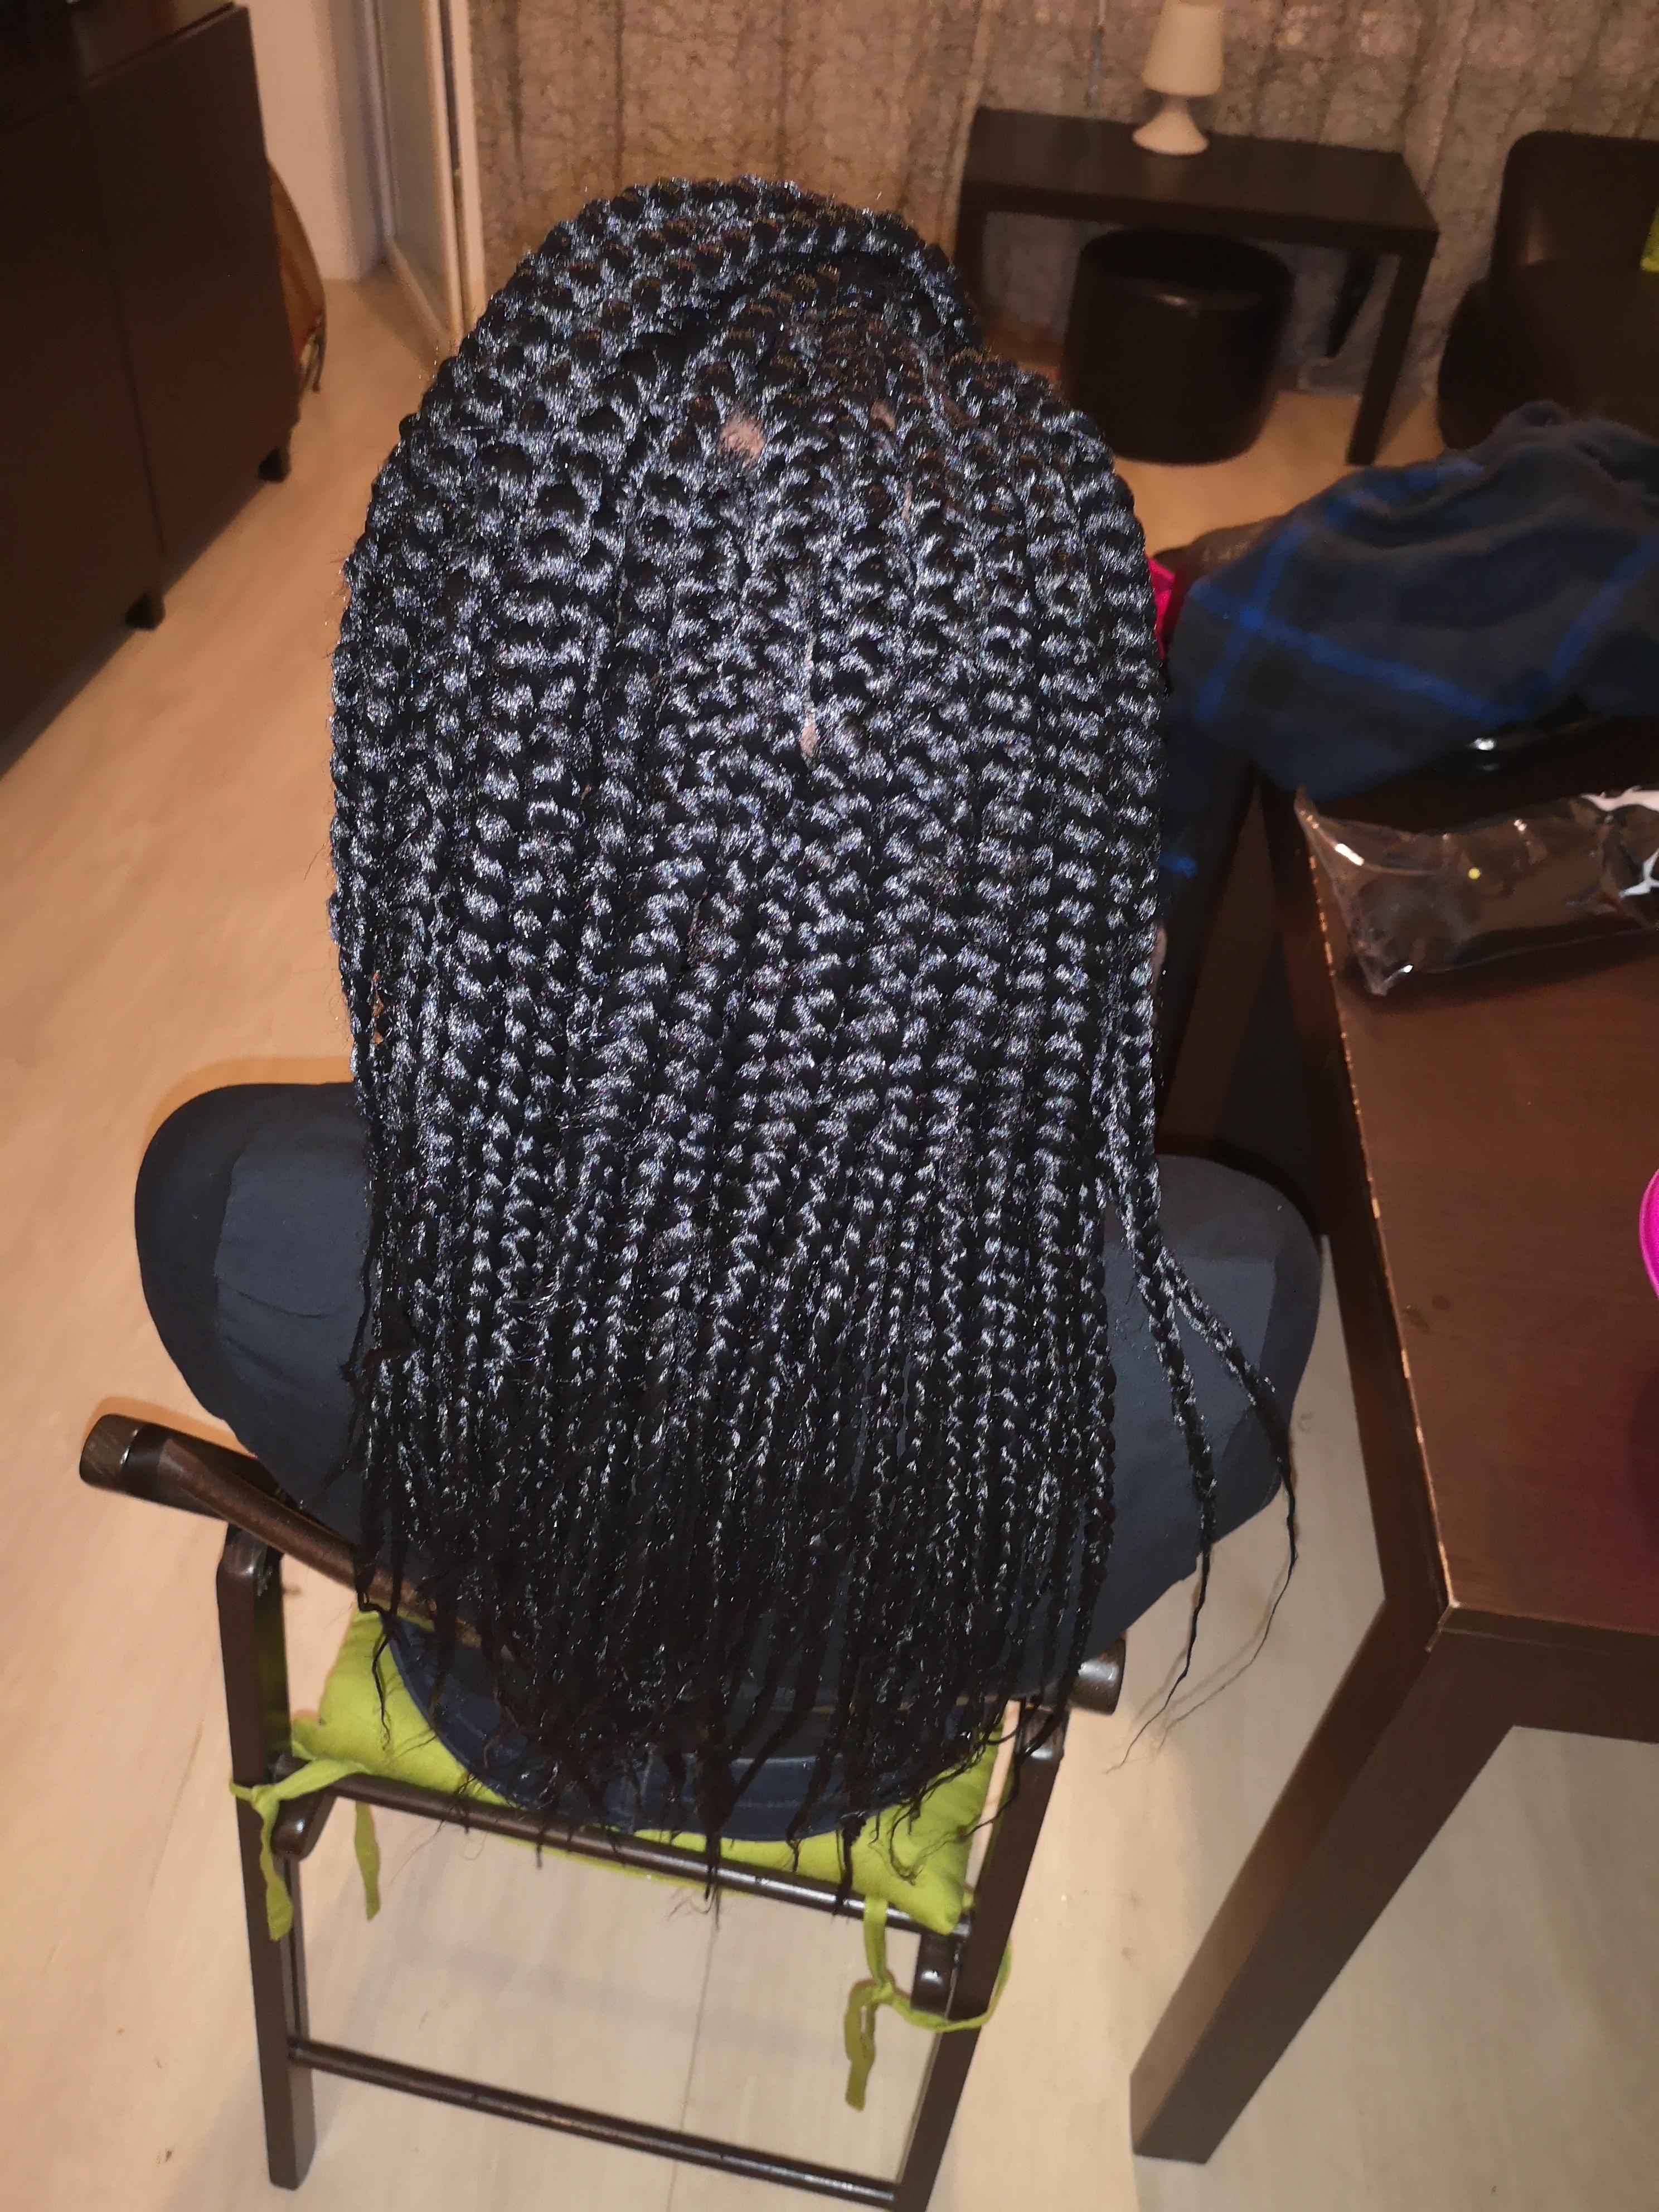 salon de coiffure afro tresse tresses box braids crochet braids vanilles tissages paris 75 77 78 91 92 93 94 95 ZMJLLHAC